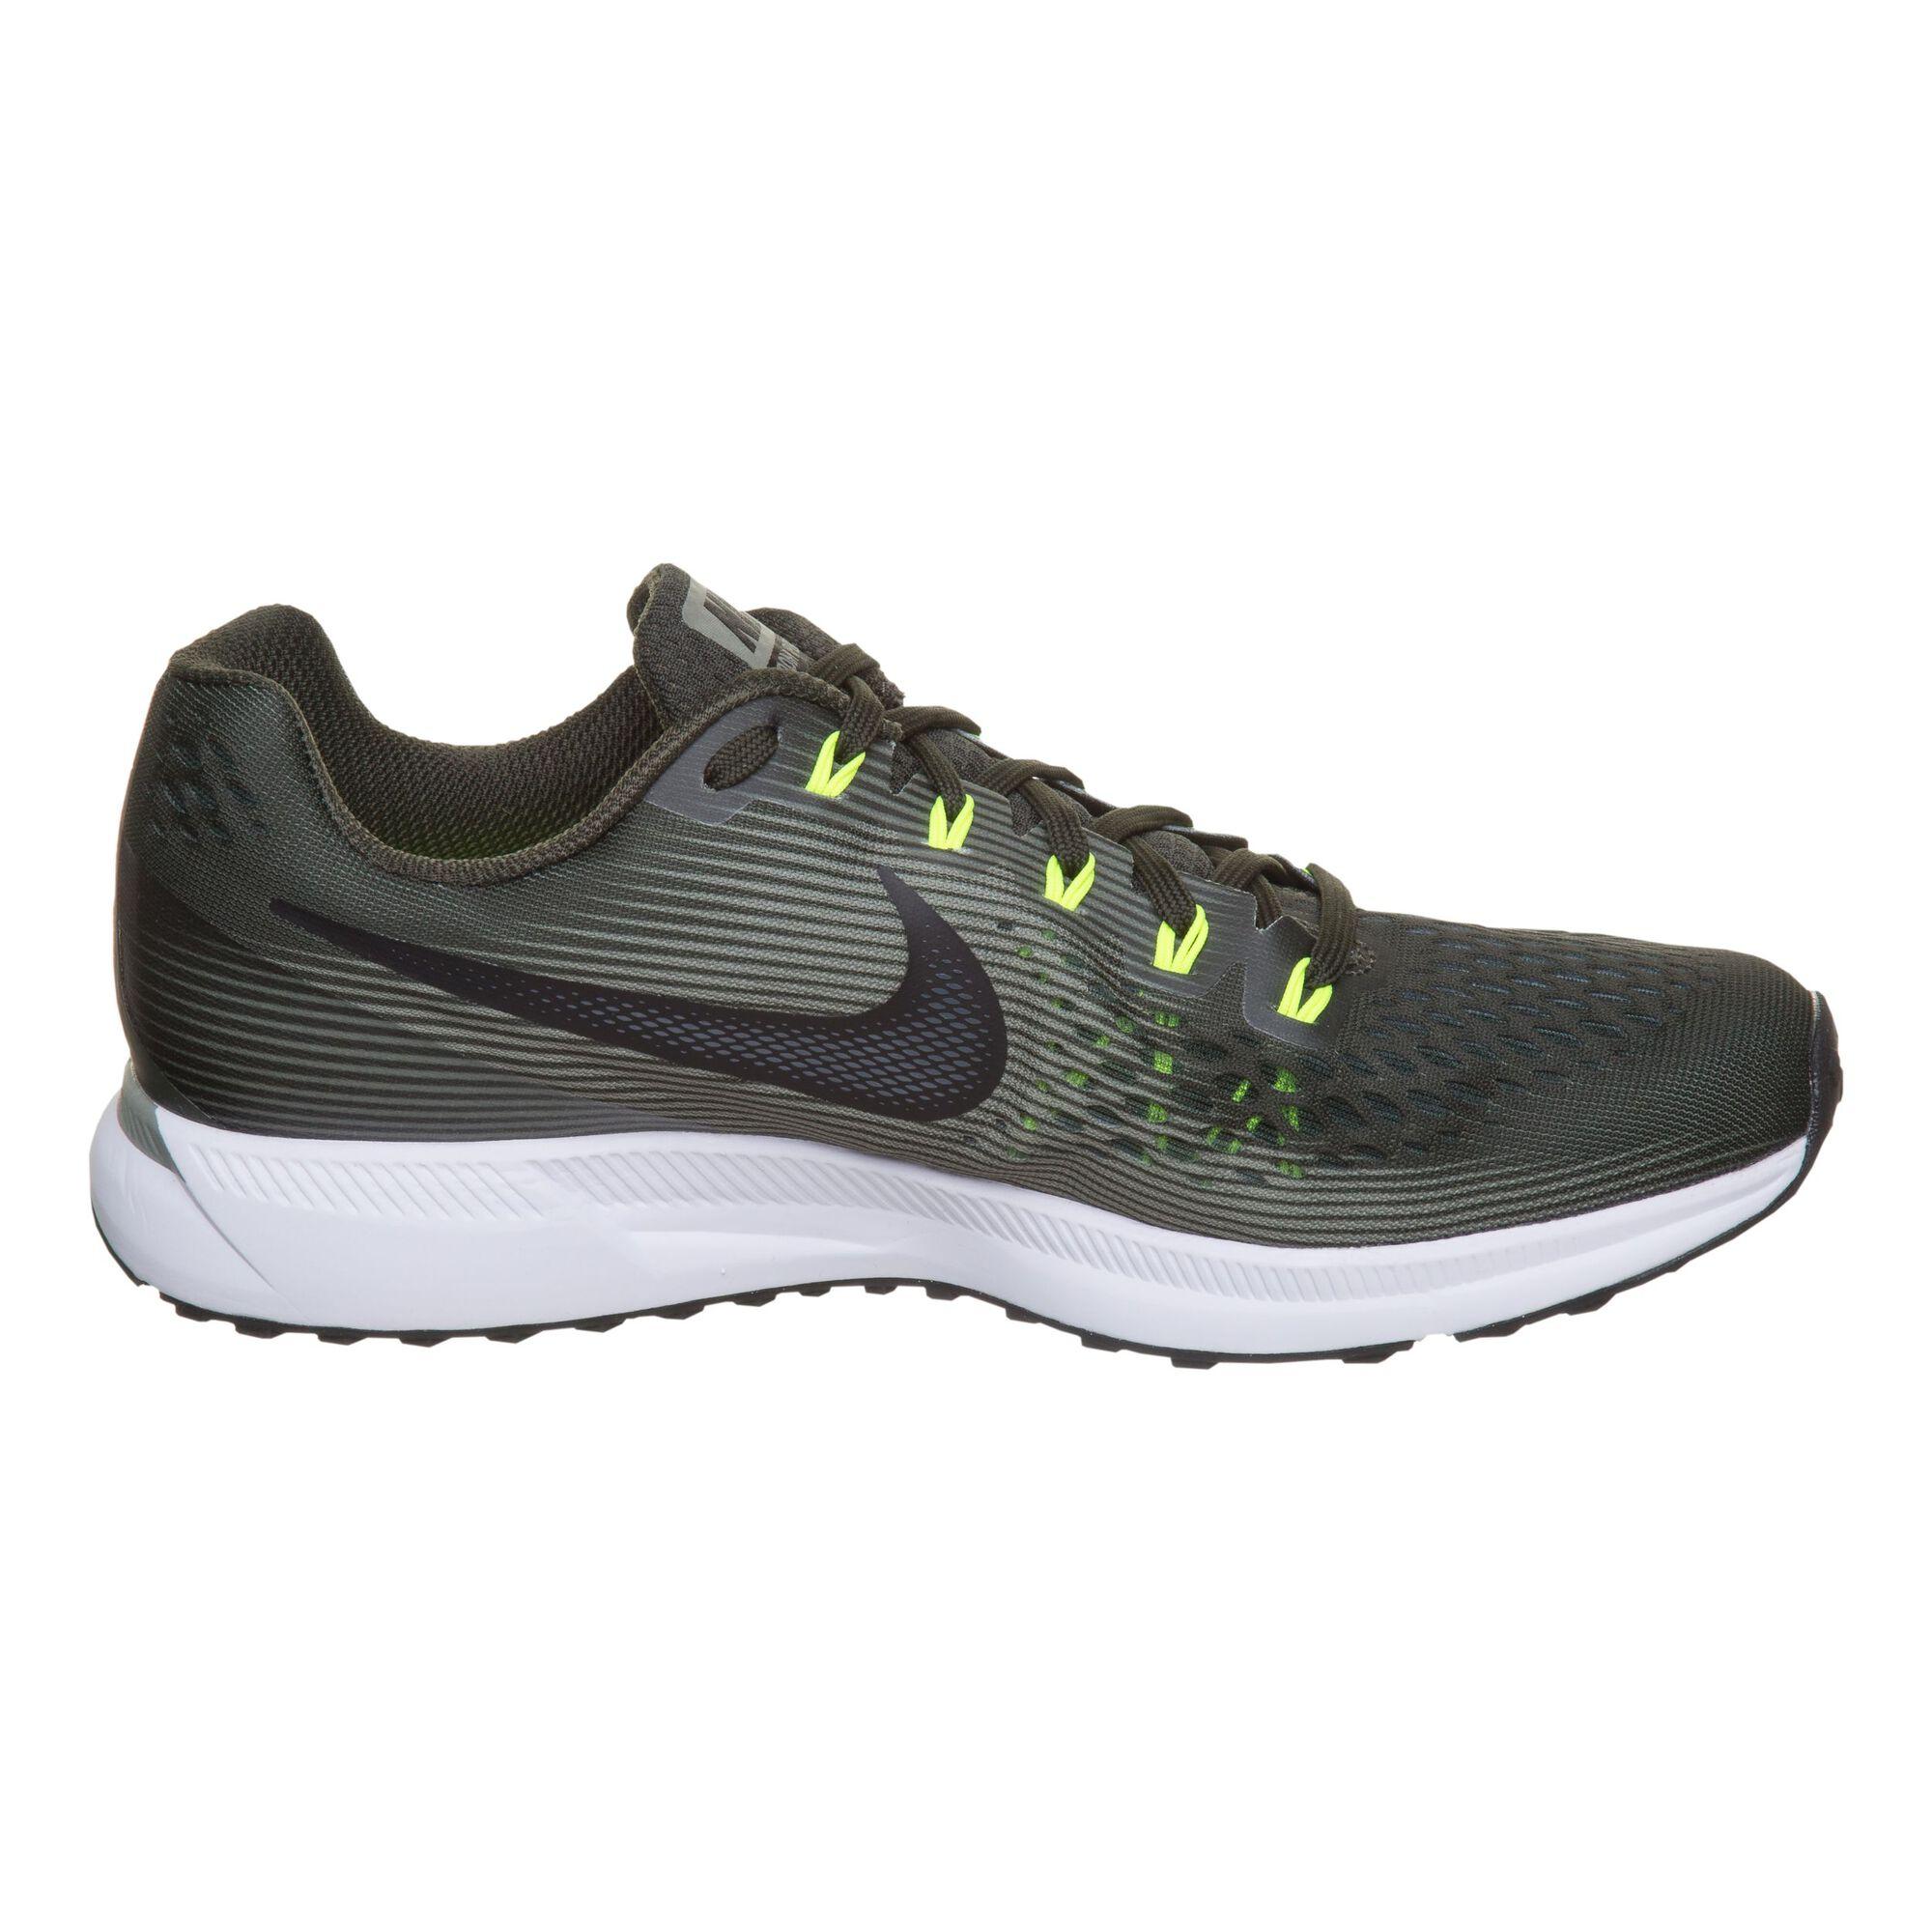 b10b79451b71 Nike  Nike  Nike  Nike  Nike  Nike  Nike  Nike  Nike  Nike. Air Zoom  Pegasus 34 ...